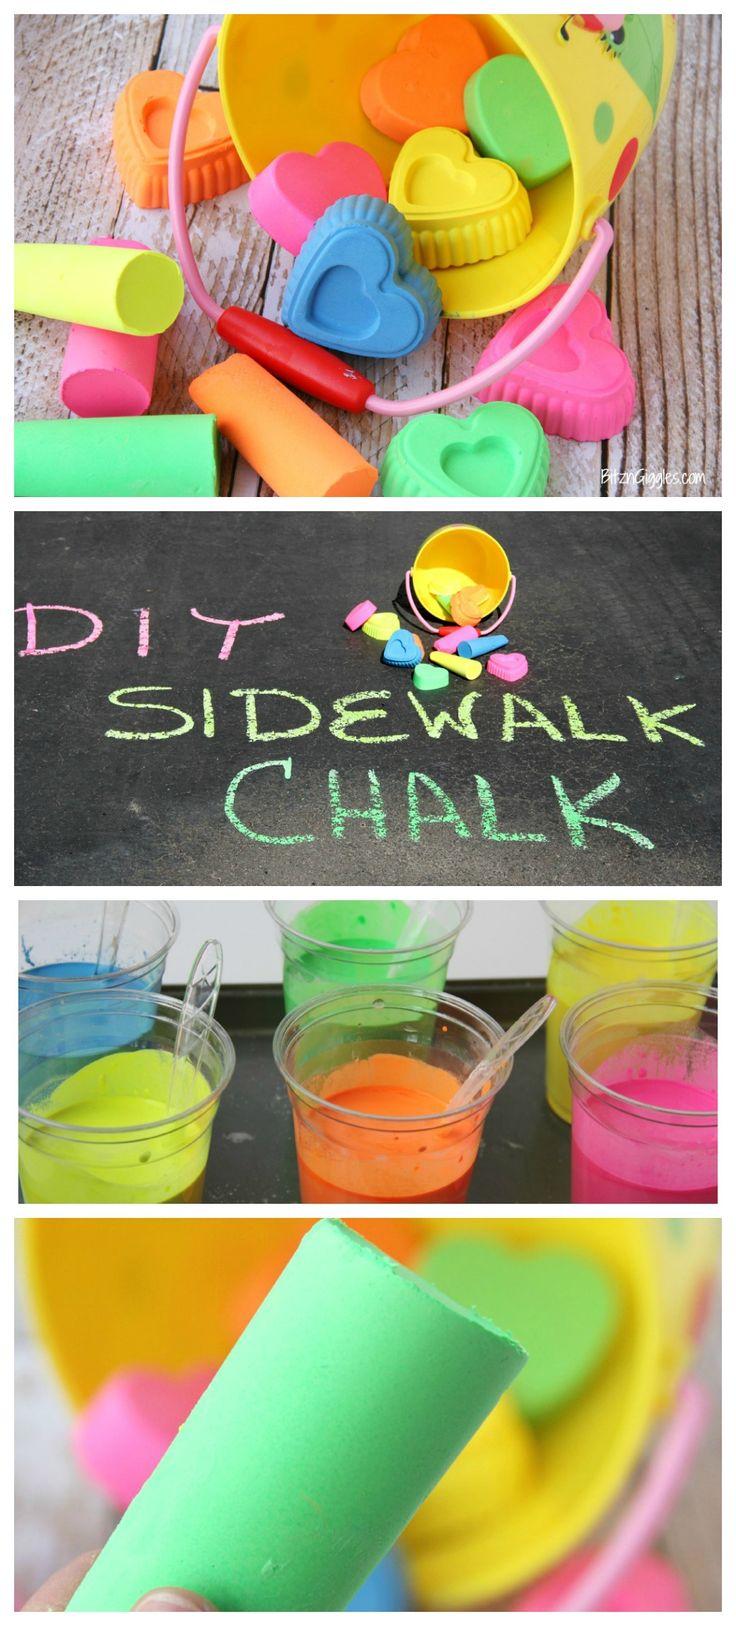 DIY Scented Sidewalk Chalk